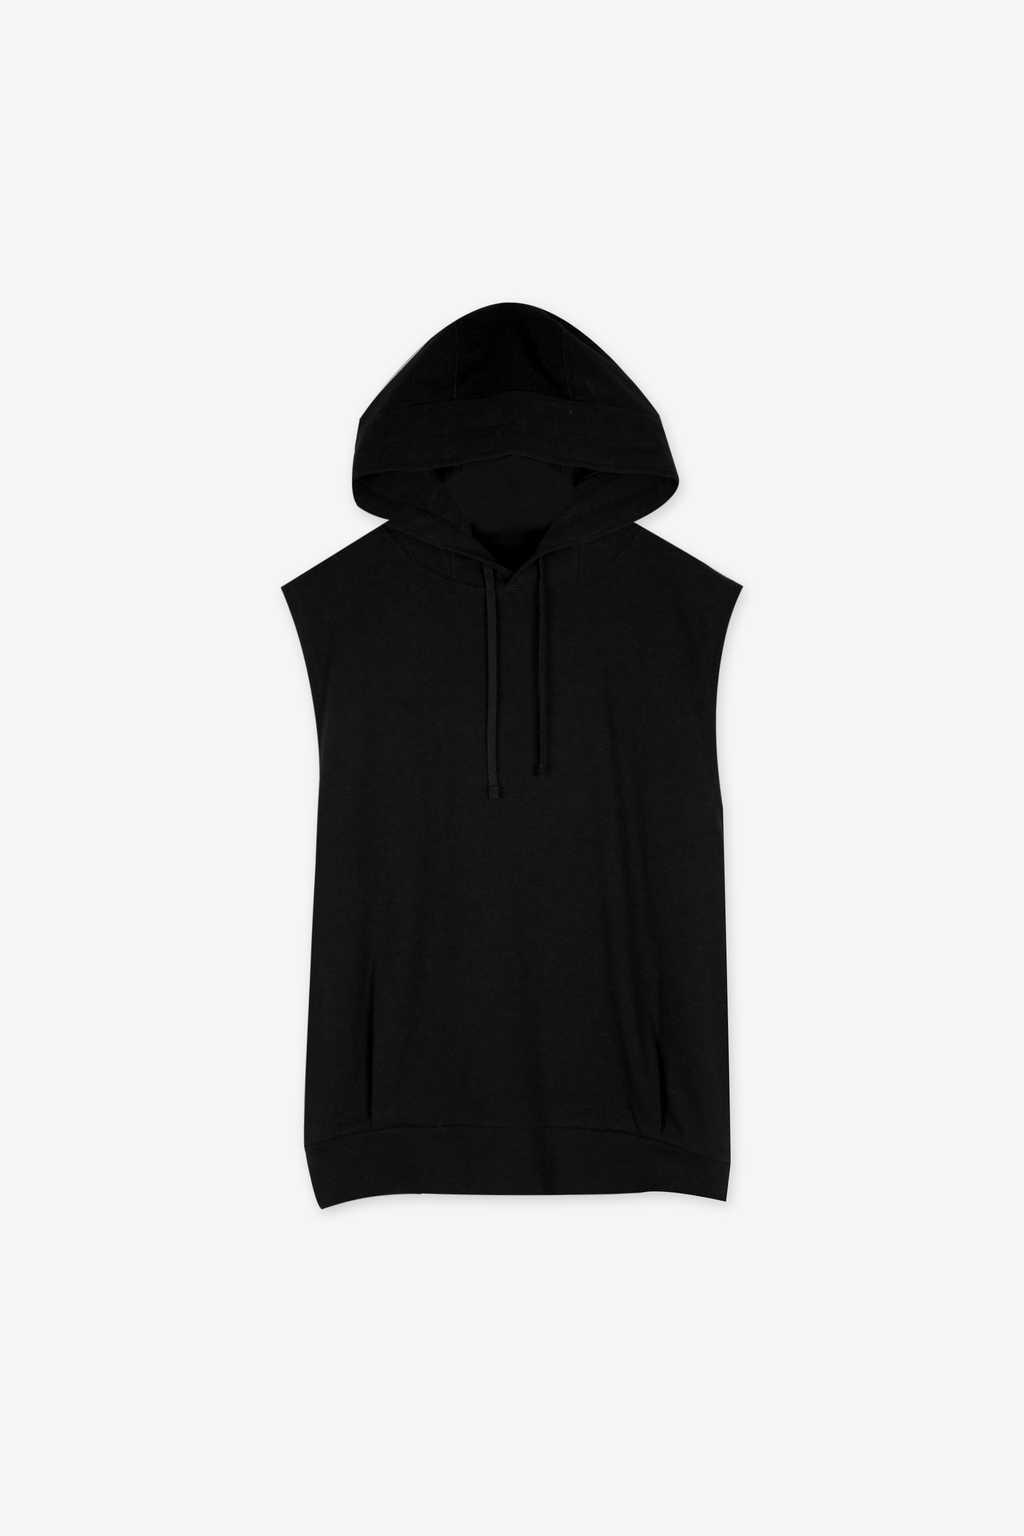 Sleeveless Hoodie 1113 Black 6